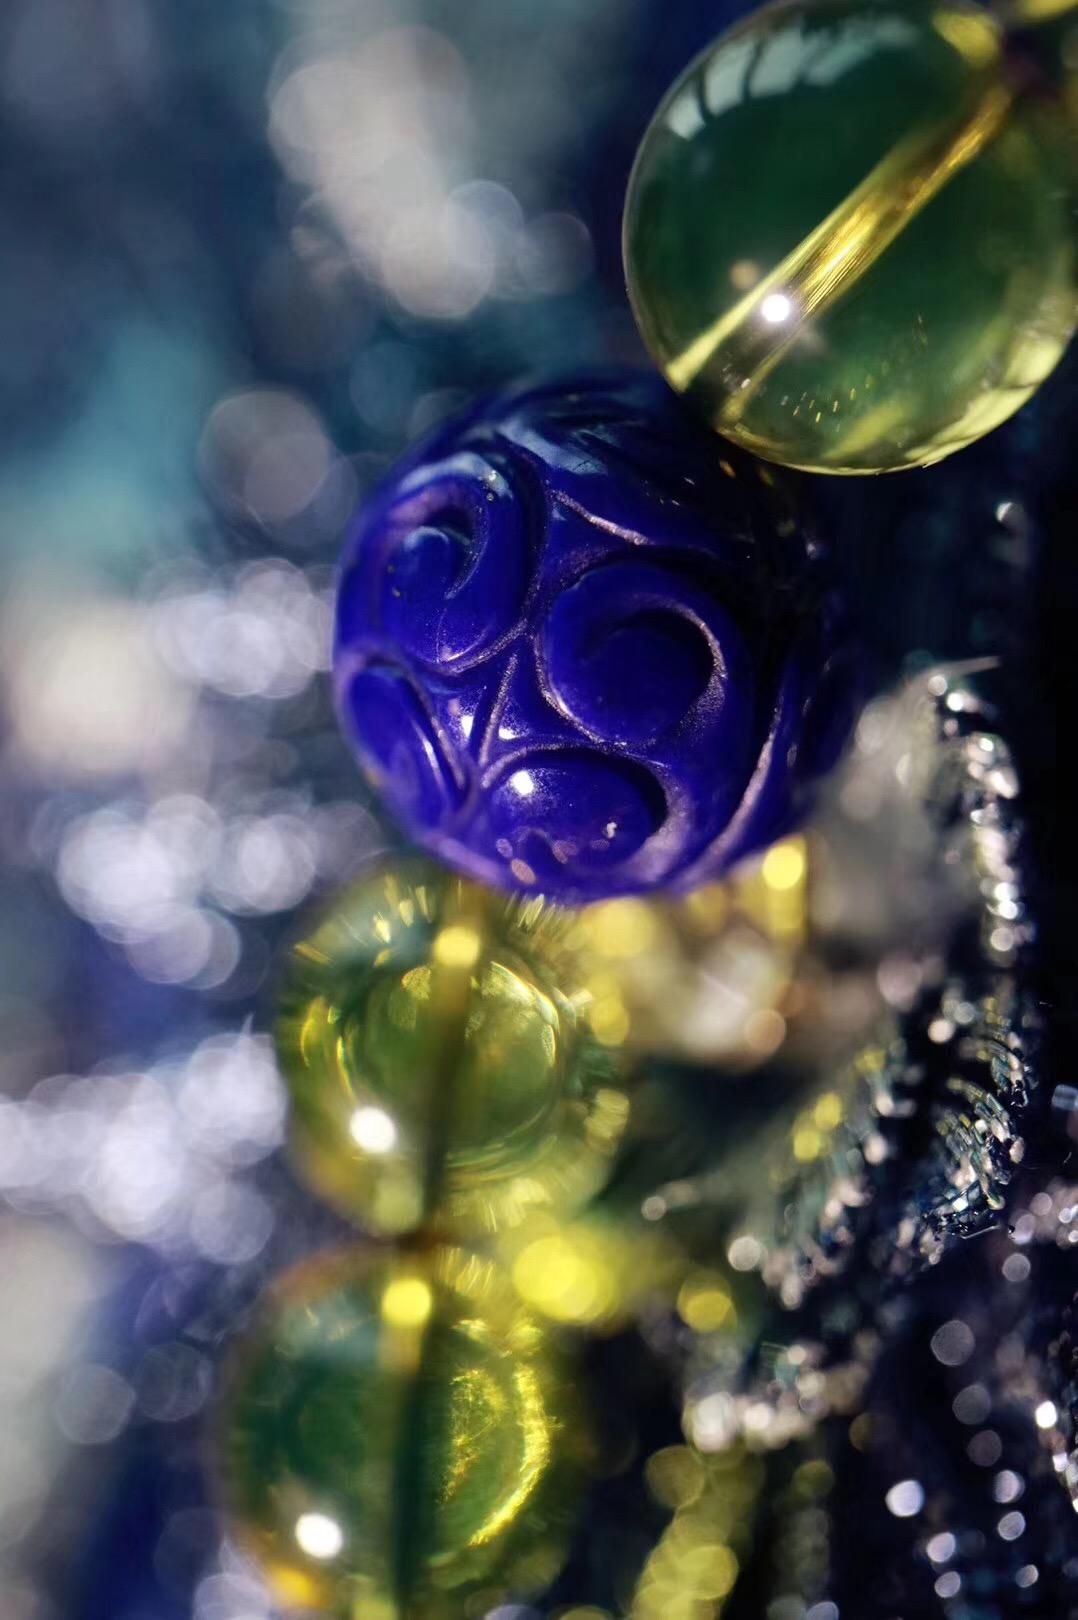 【蓝珀 | 老矿青金 | 火焰纹南红】安眠养心,内心平和愉悦便能装下满满的幸福~~-菩心晶舍